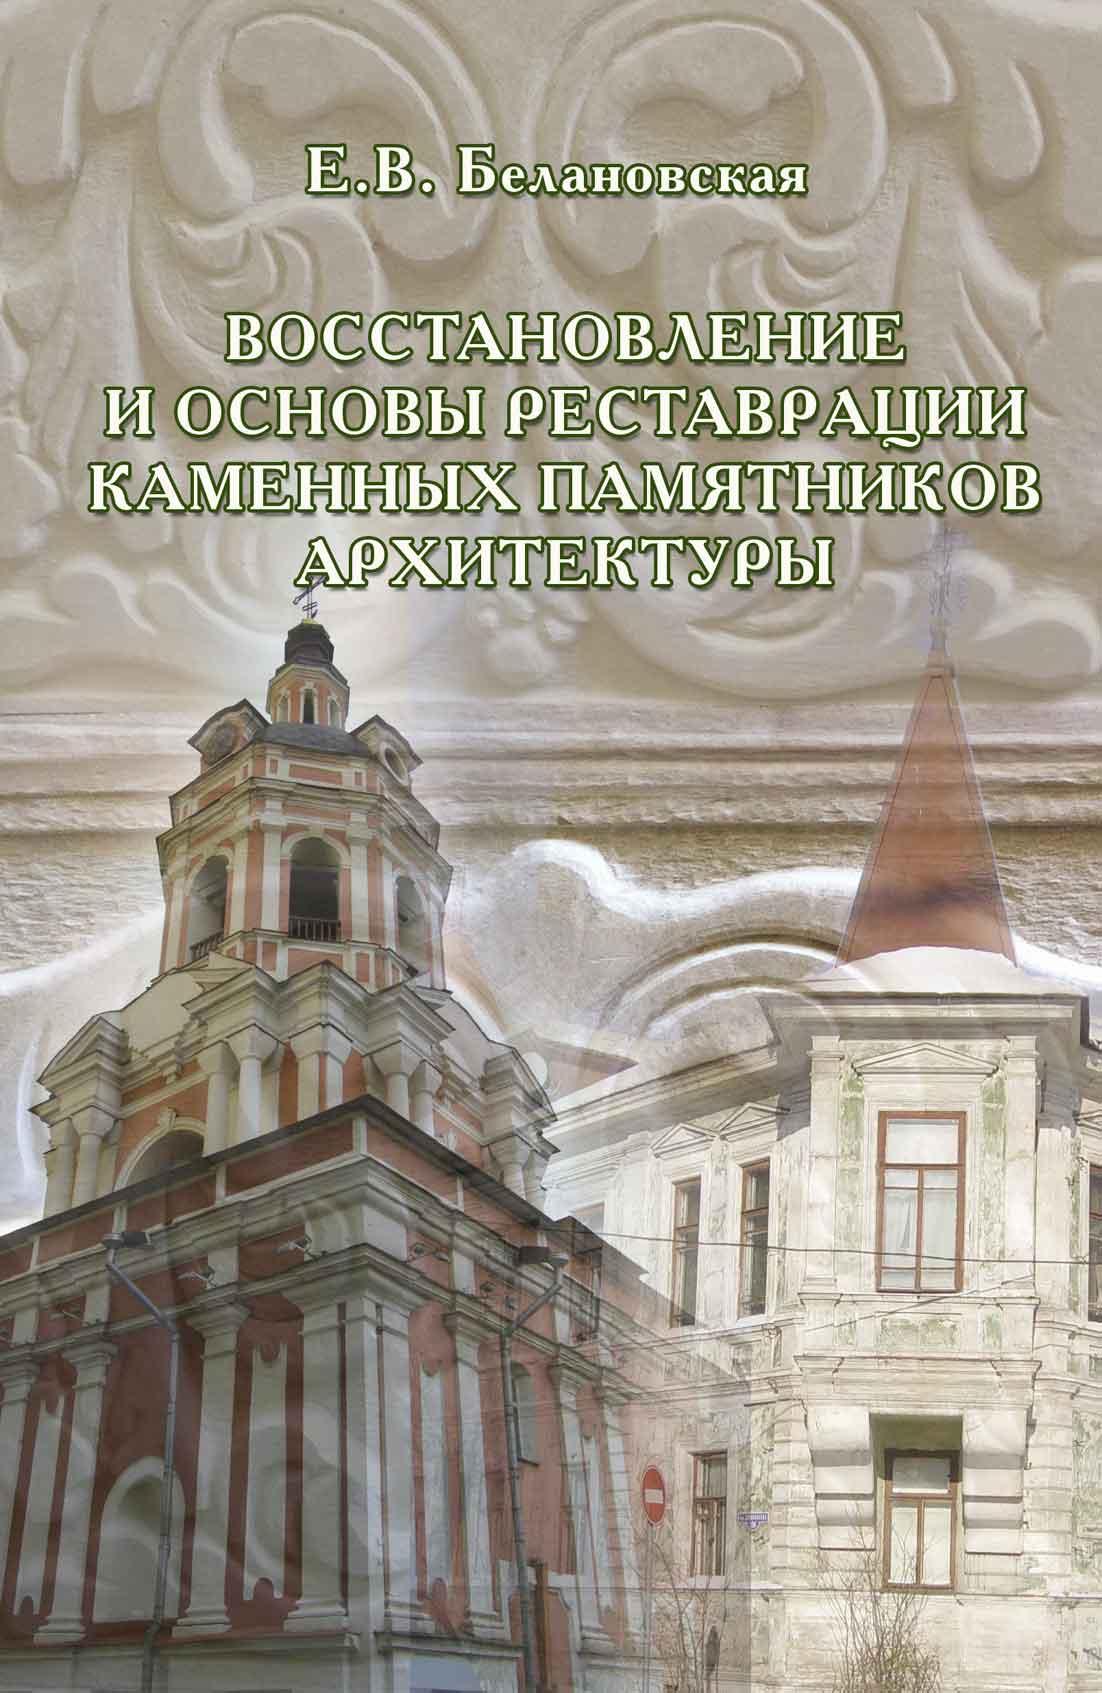 Е. В. Белановская Восстановление и основы реставрации каменных памятников архитектуры